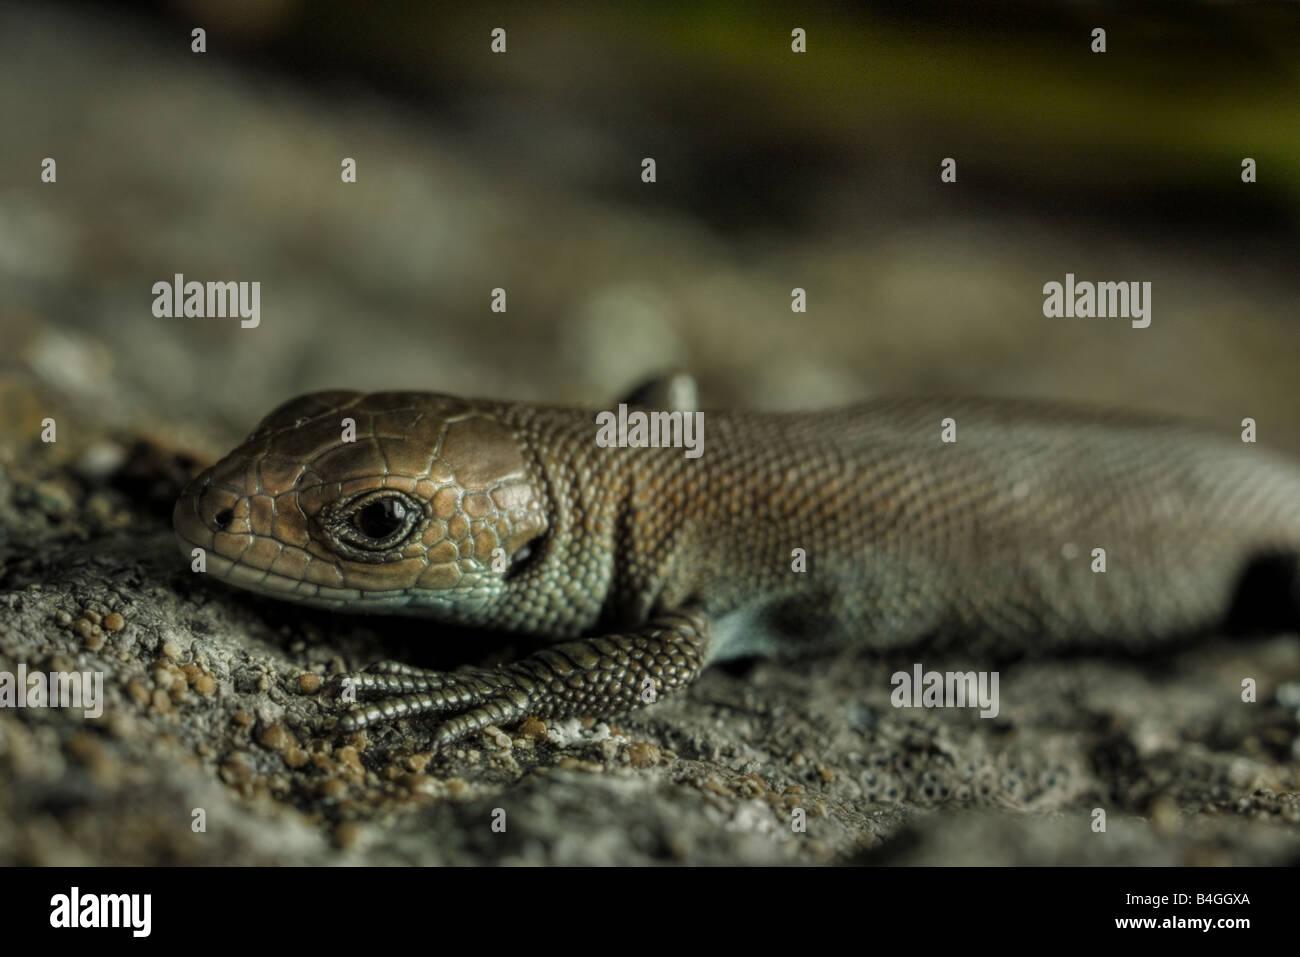 Wirklich junge europäische gemeinen Eidechse (Lacerta Vivipara) Stockfoto